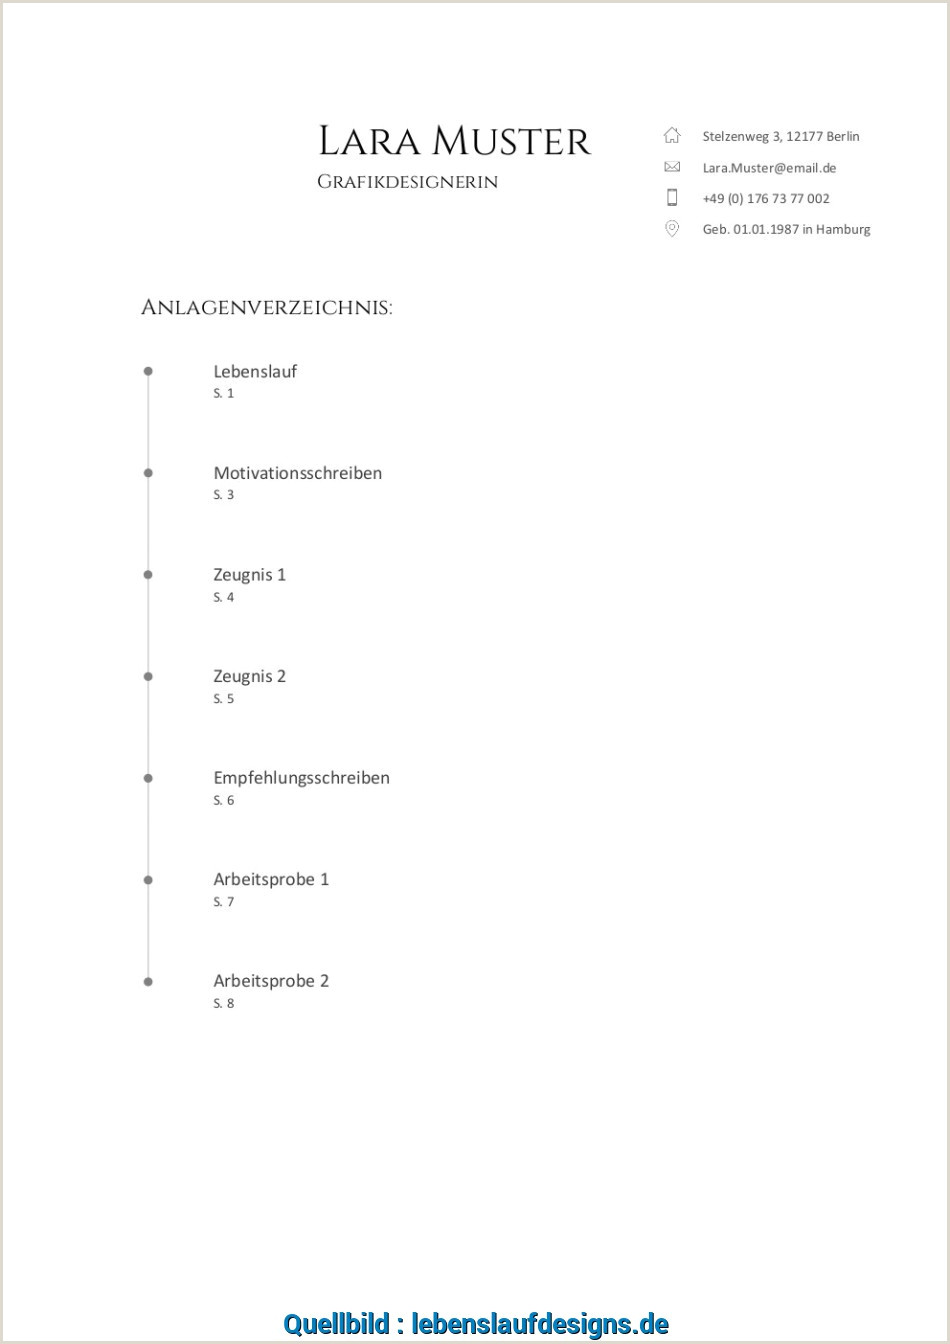 Lebenslauf Muster Hesse Schrader Komplett Anlagenverzeichnis Muster Vorlage 7 Sapcnz